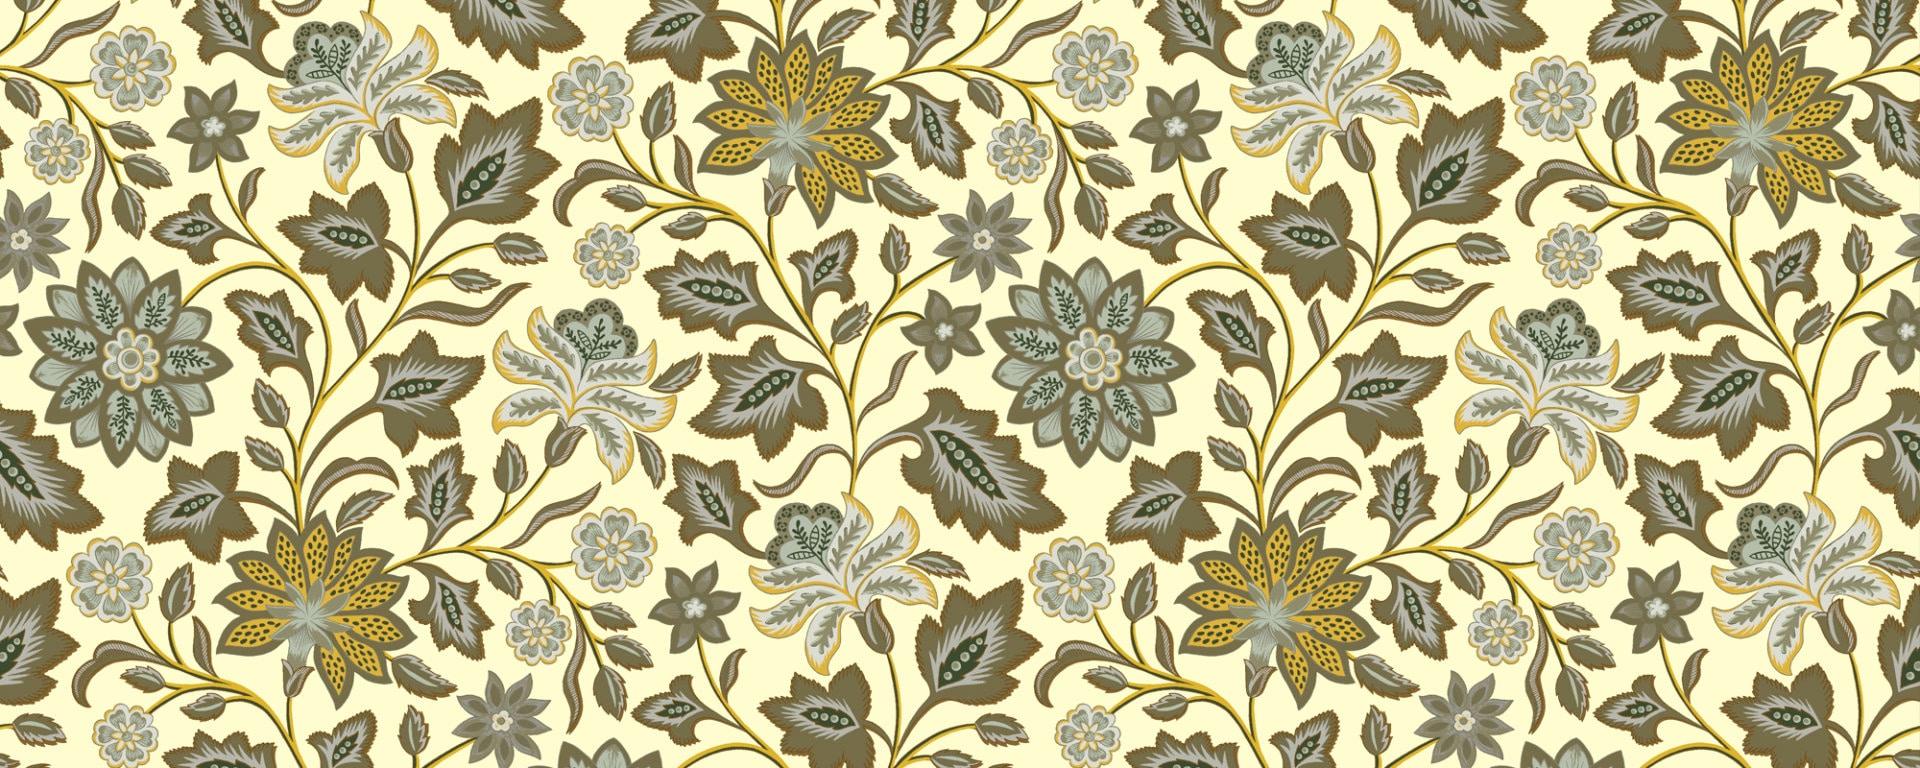 royal india hotel jaune indienne r alis e la gouache papier peint le presse papier. Black Bedroom Furniture Sets. Home Design Ideas